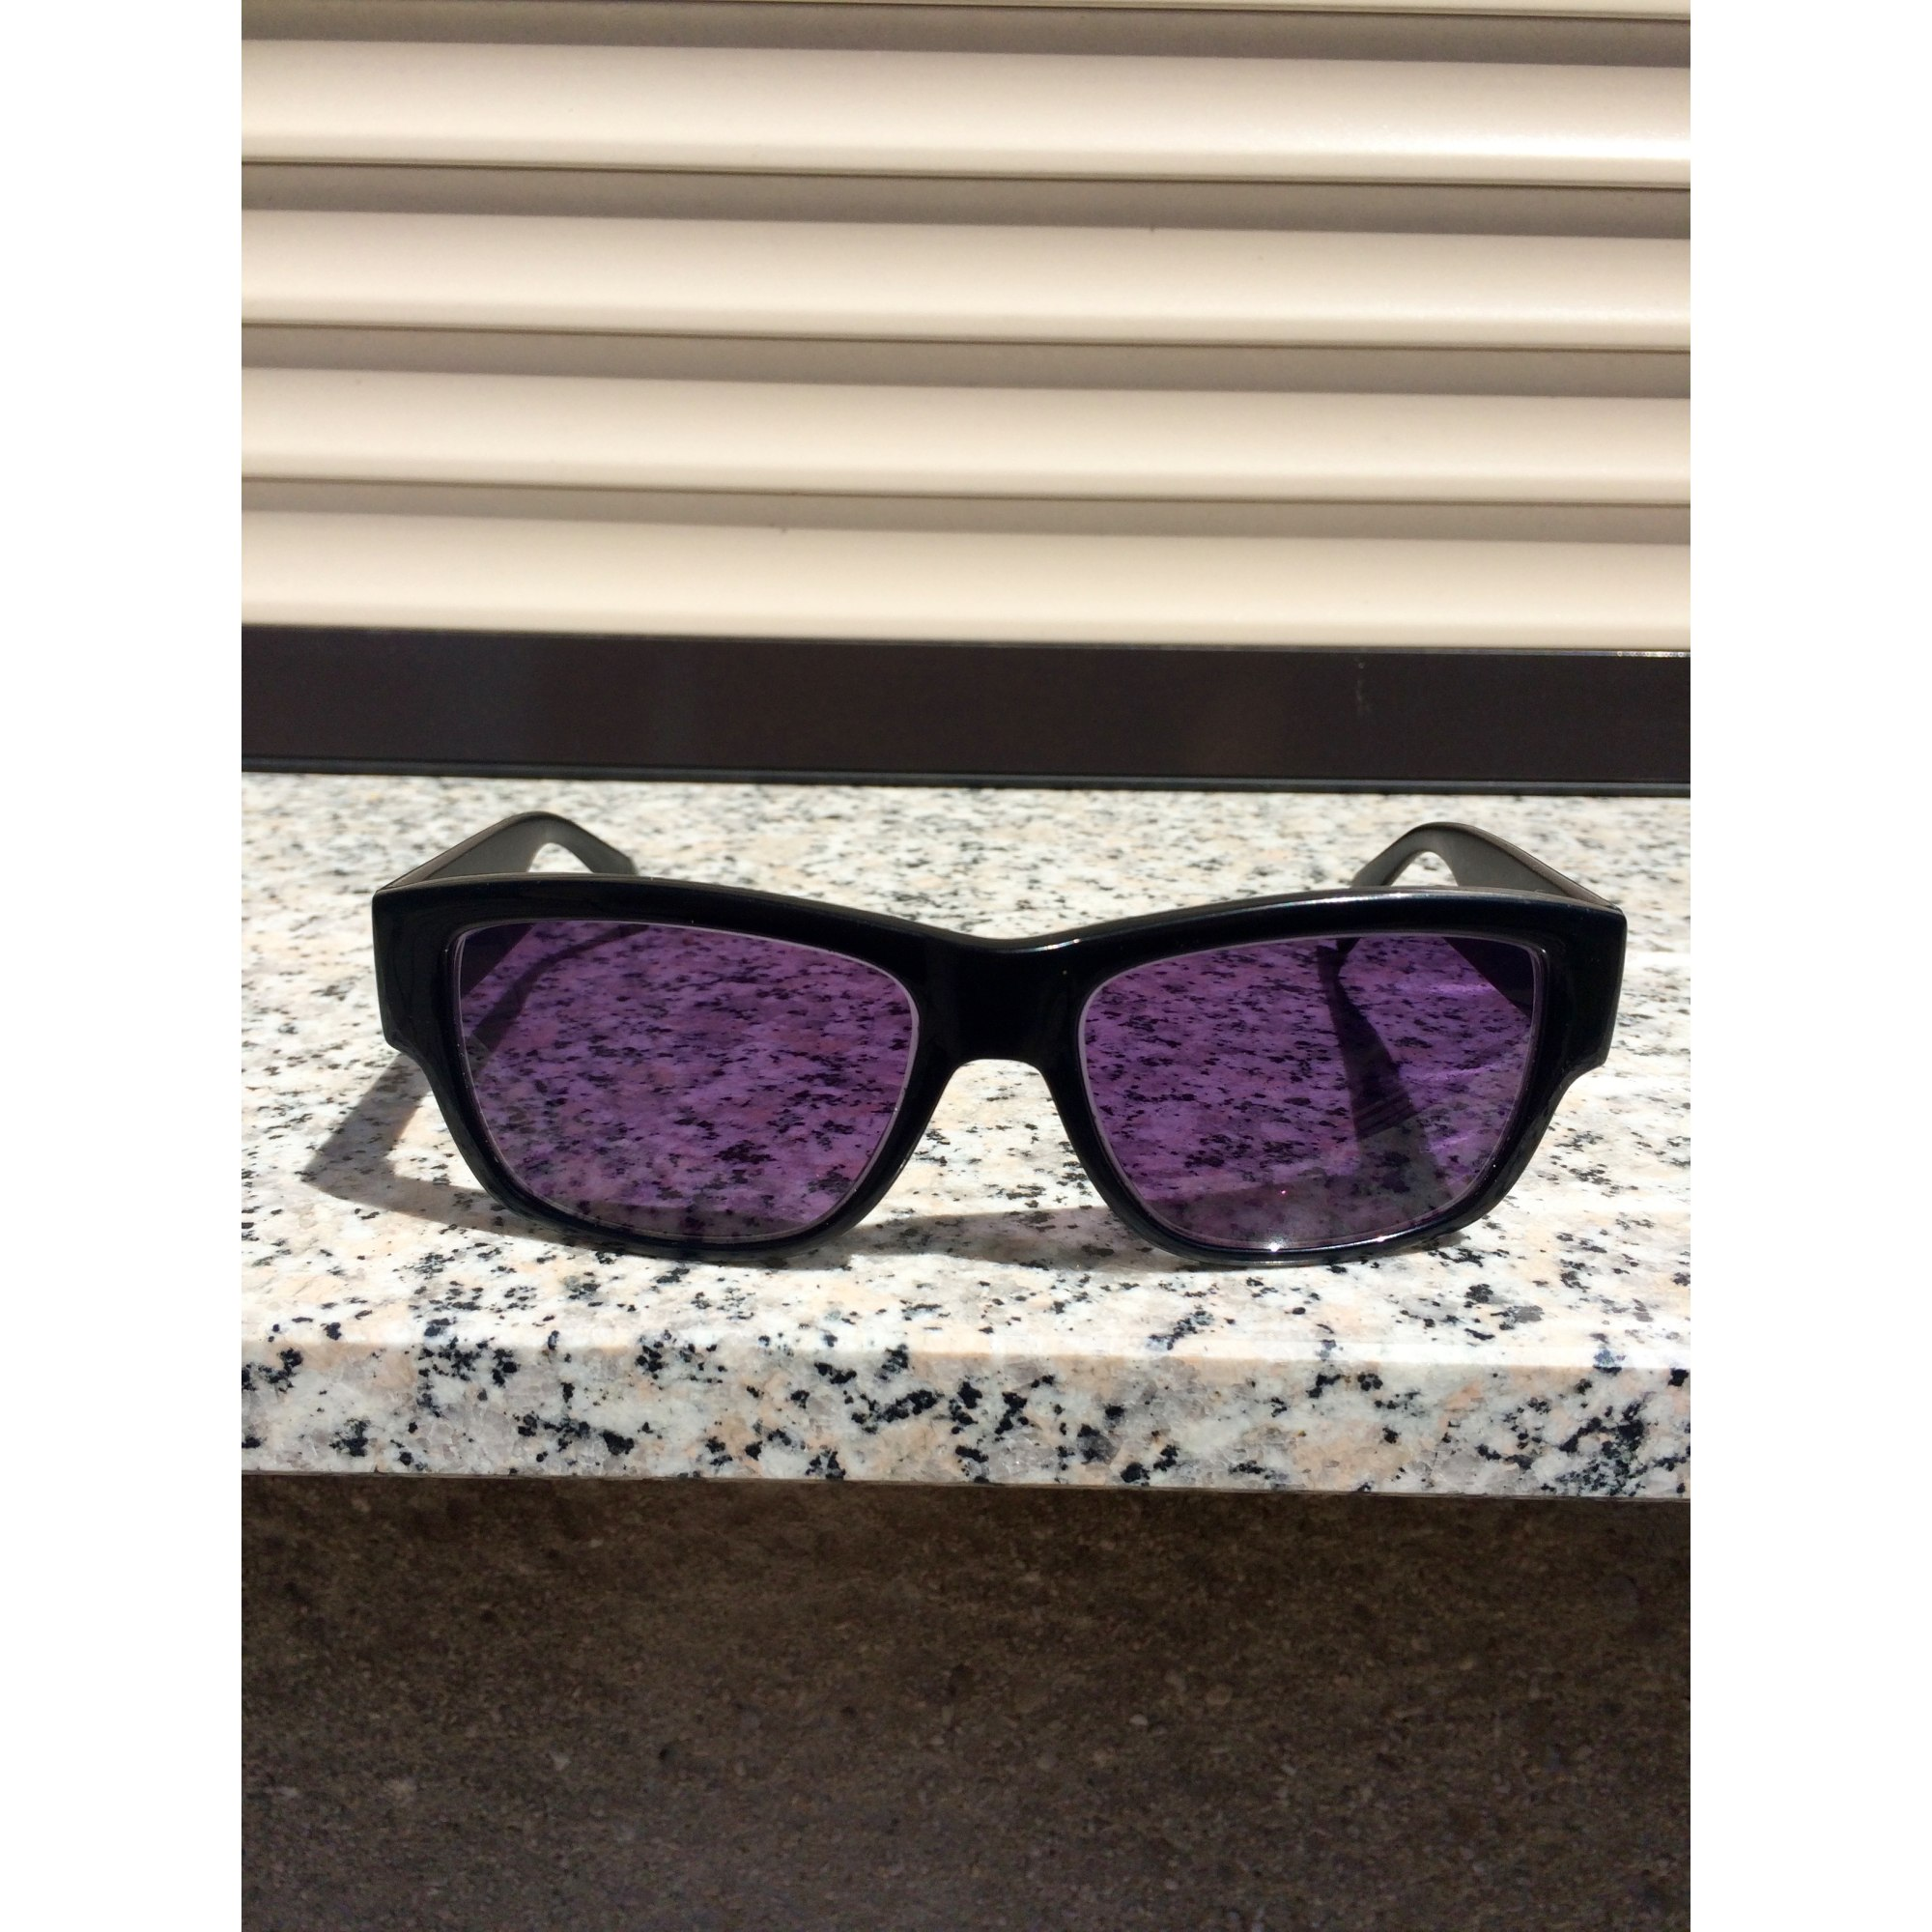 65462923d5c7f7 Lunettes de soleil ALAIN AFFLELOU noir vendu par Retrohipster - 4652053